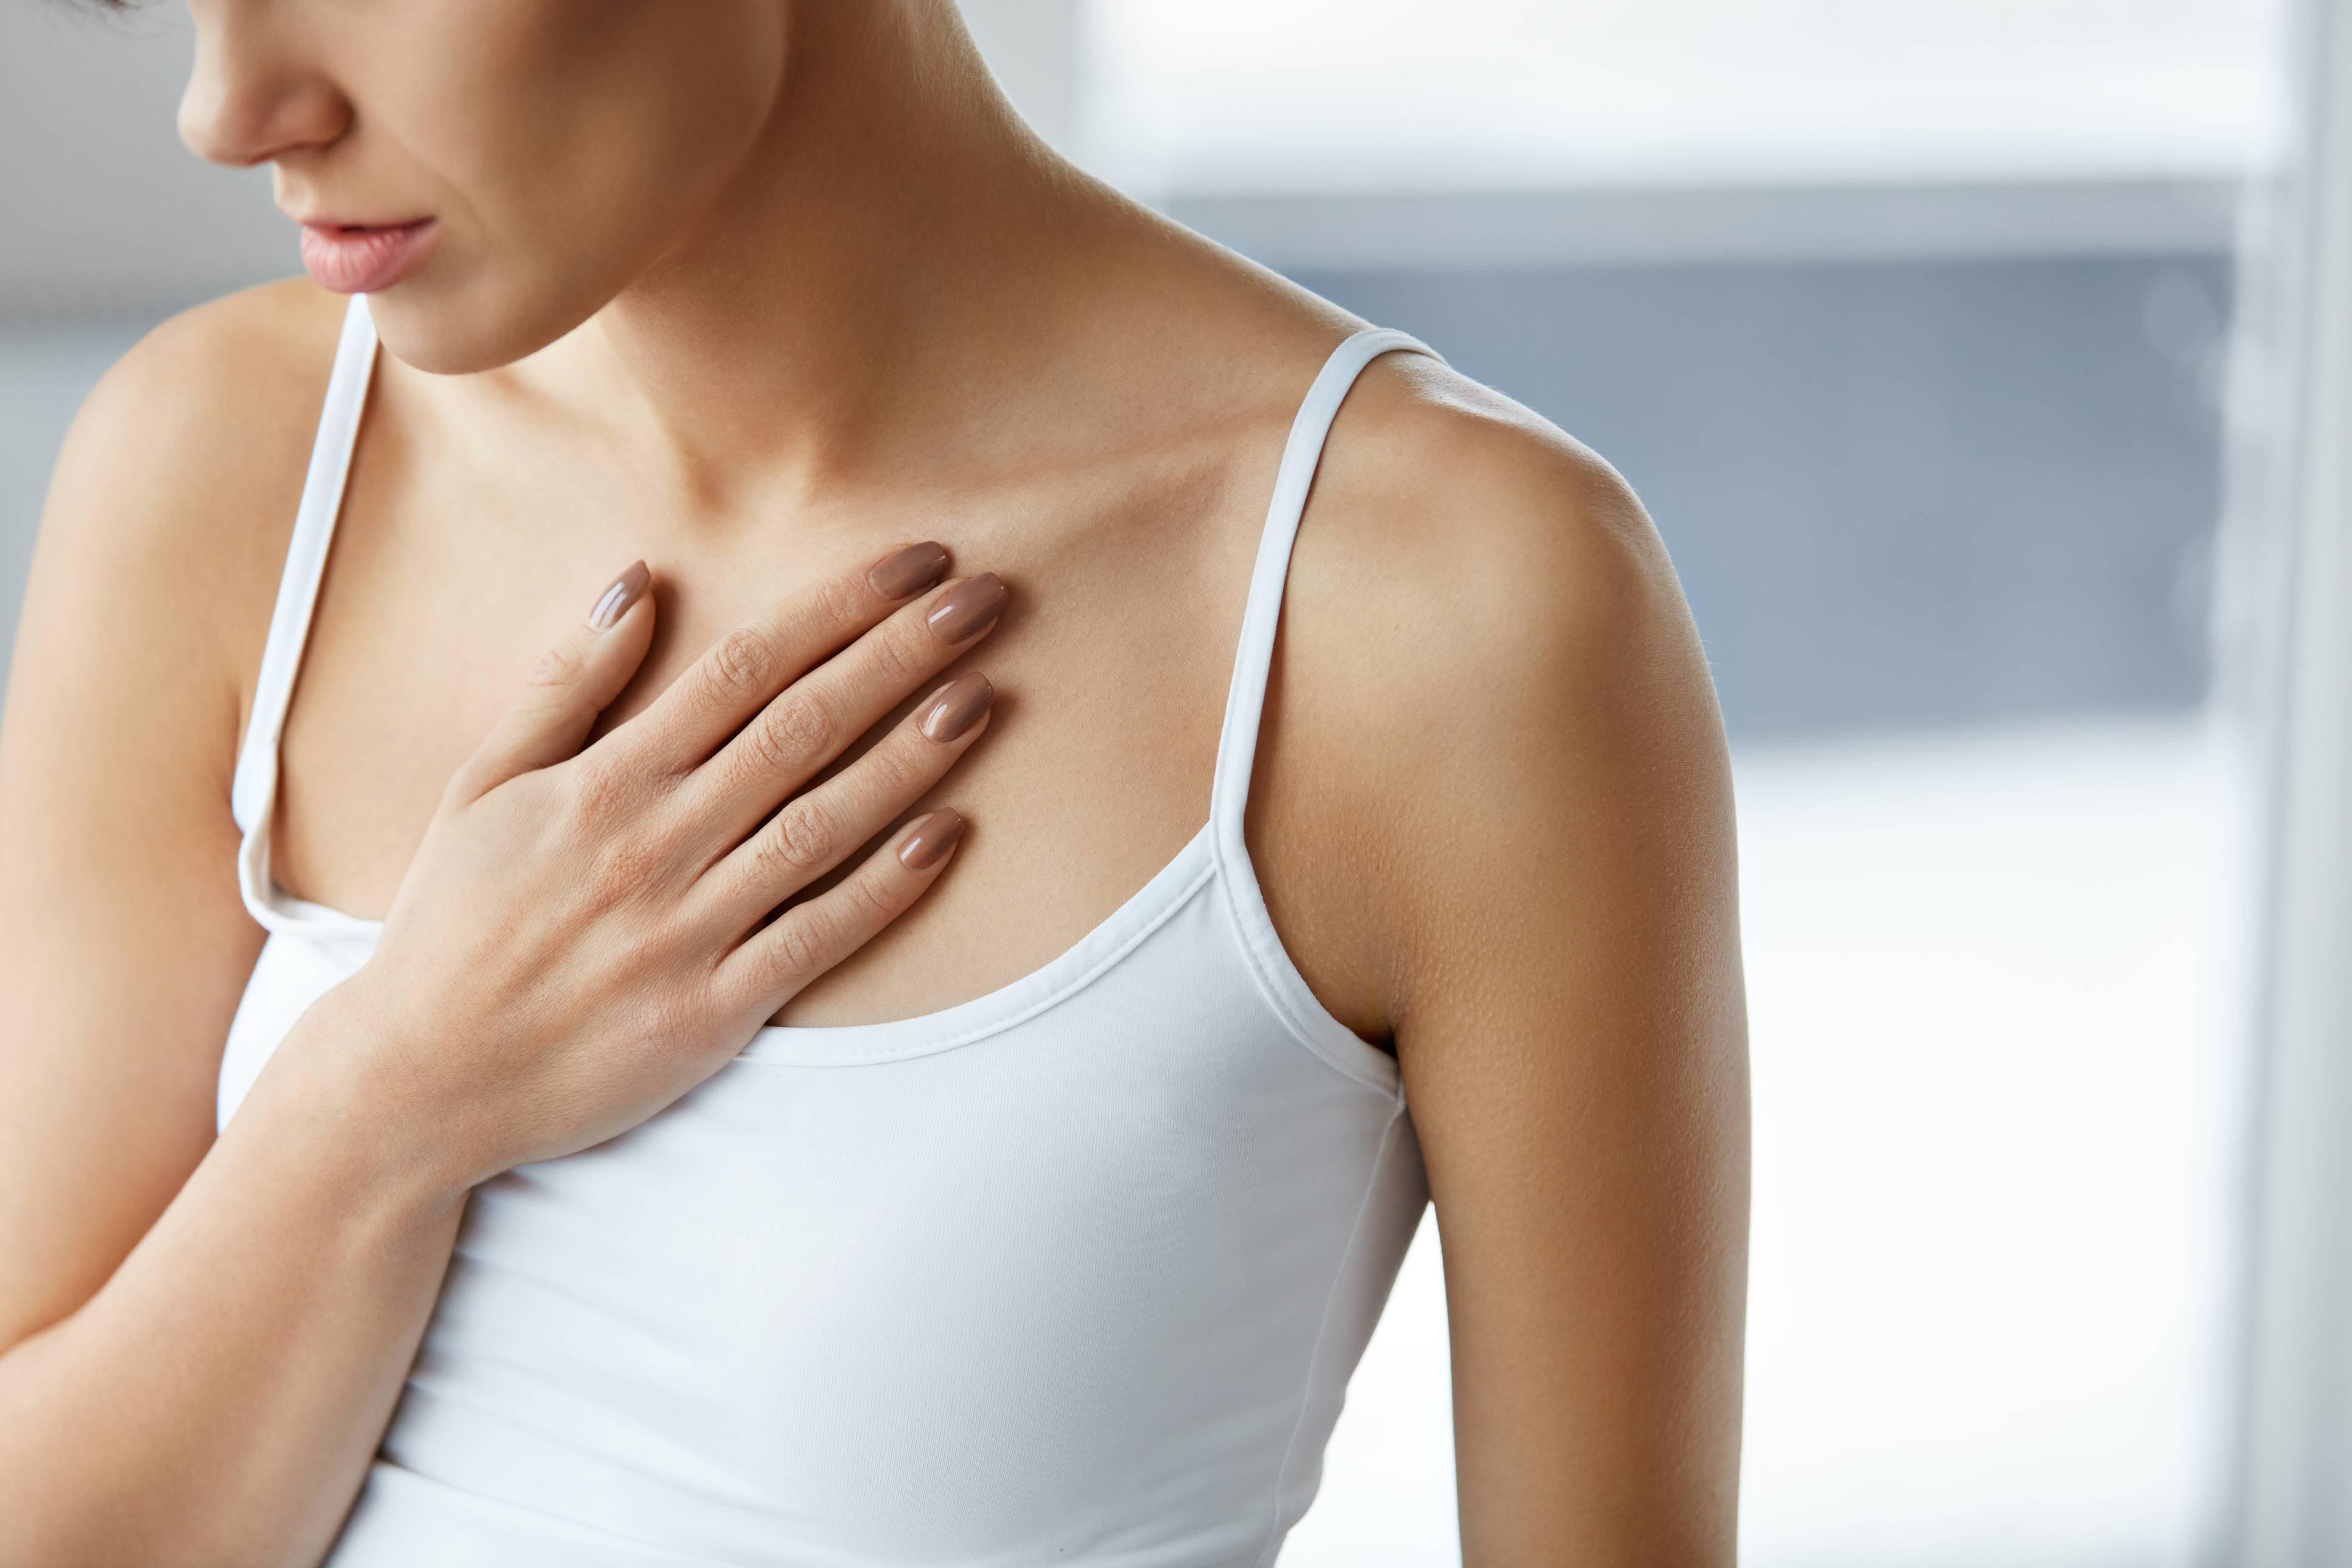 При приеме противозачаточных не болит грудь живот